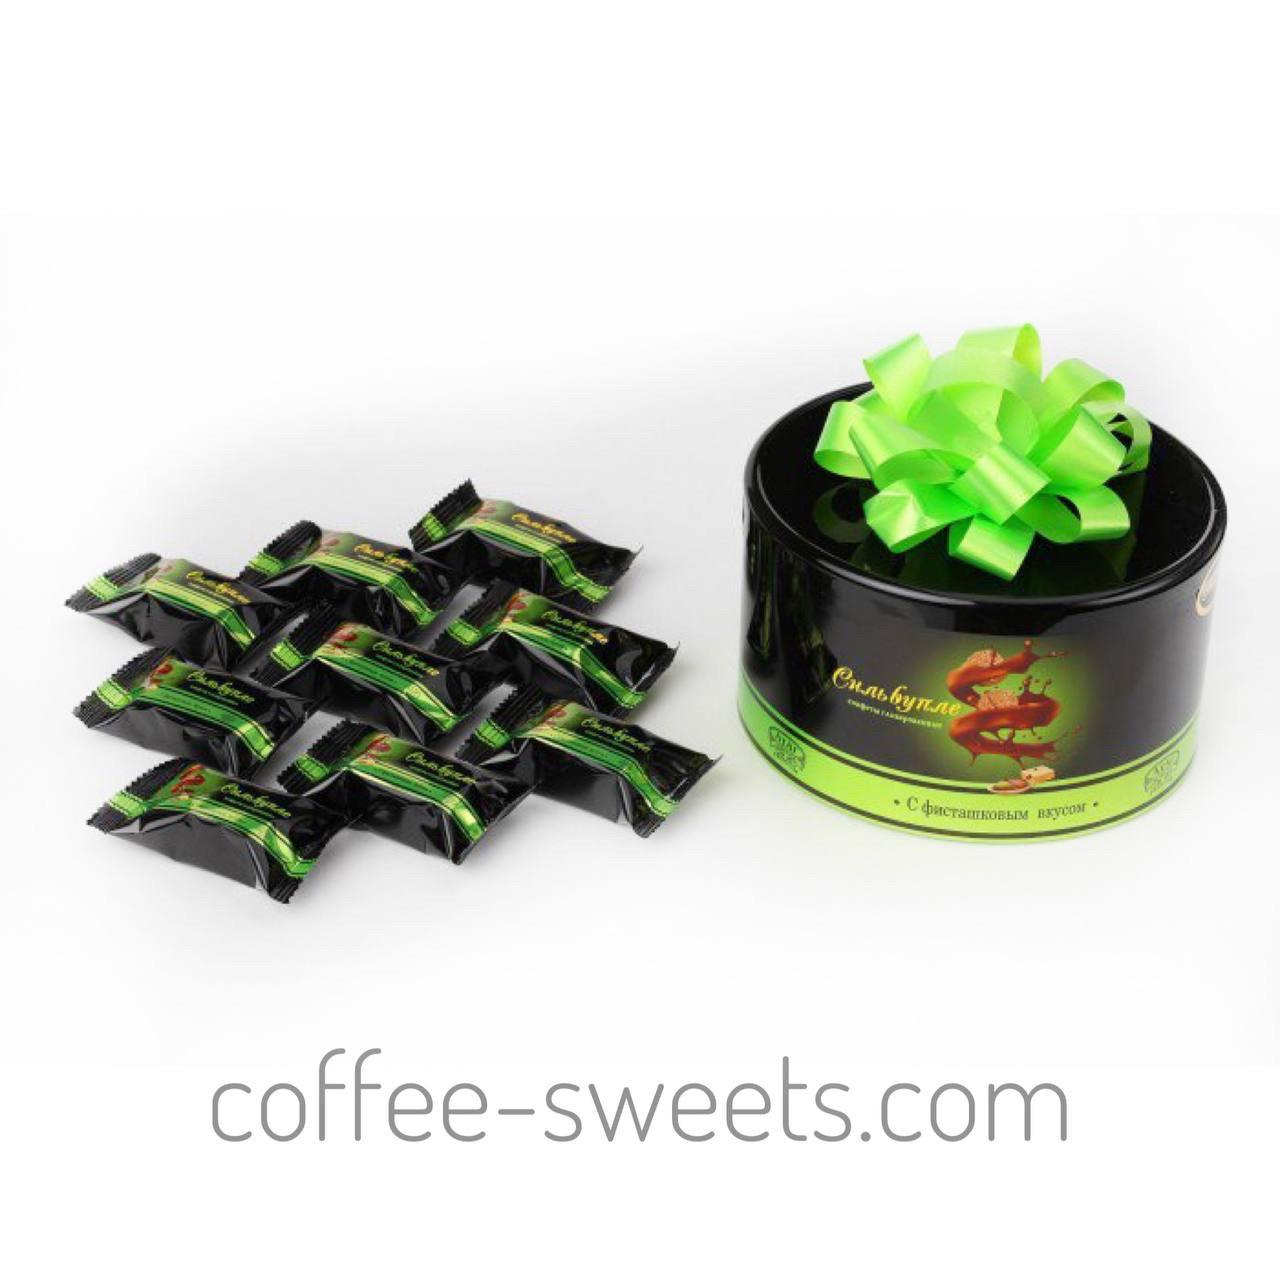 Шоколадні цукерки АтАг Сильвупле з фісташковим смаком 200г